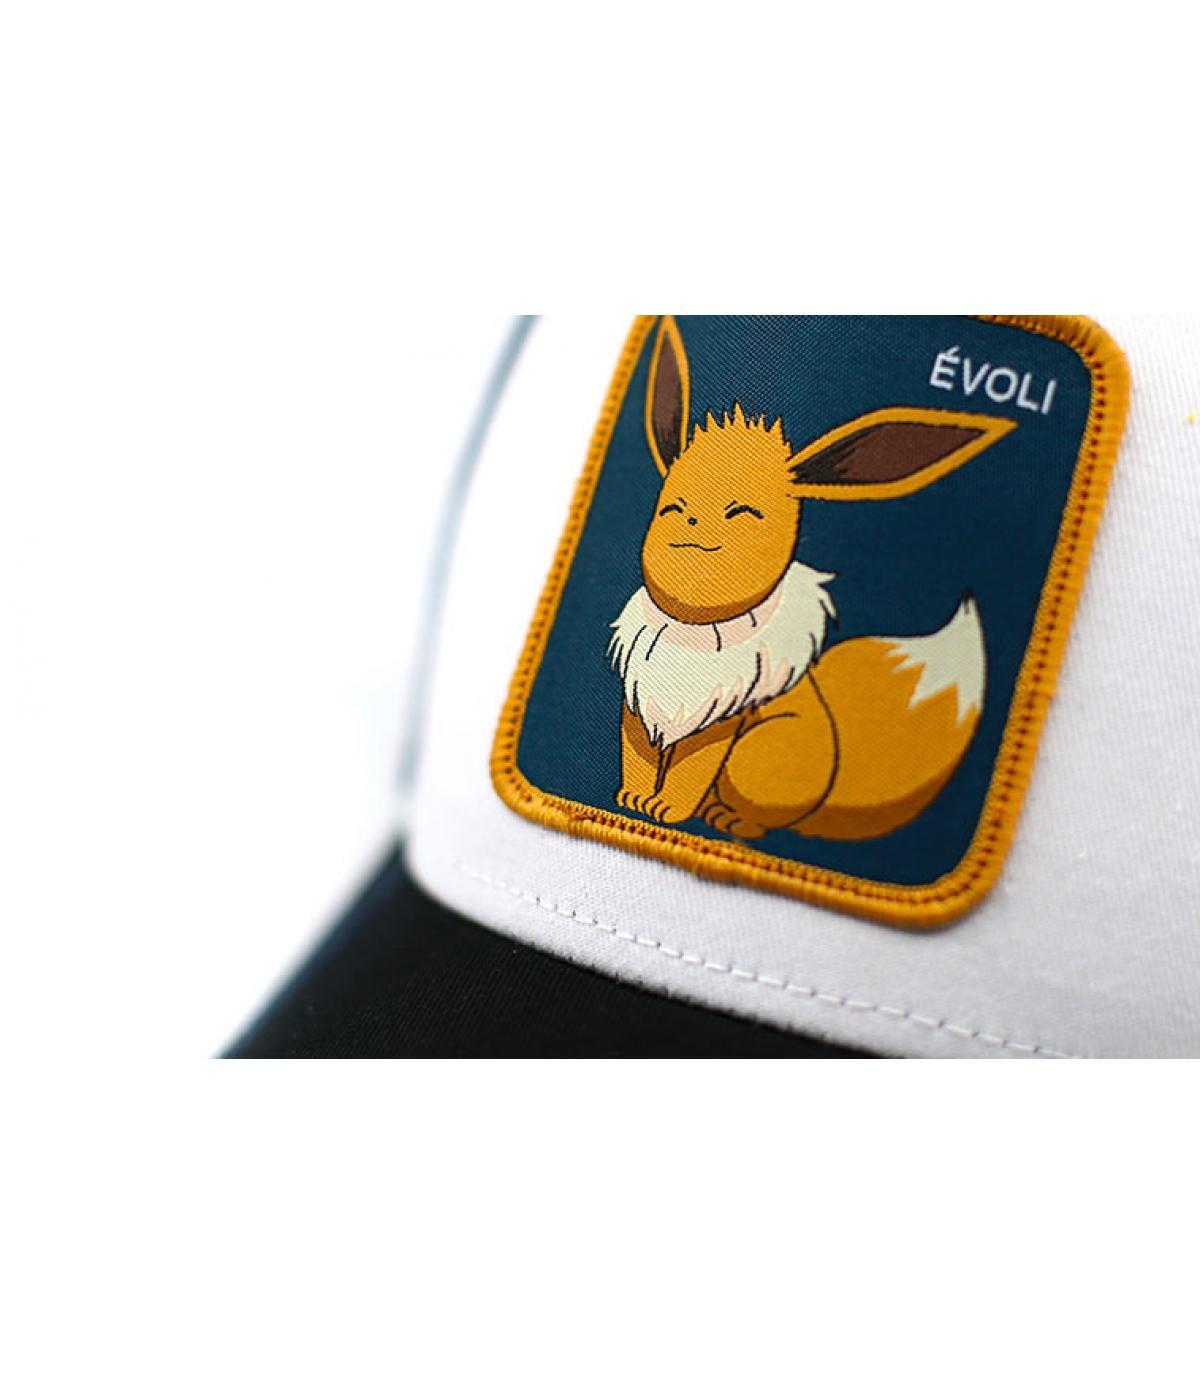 Details Trucker Pokemon Evoli - Abbildung 3